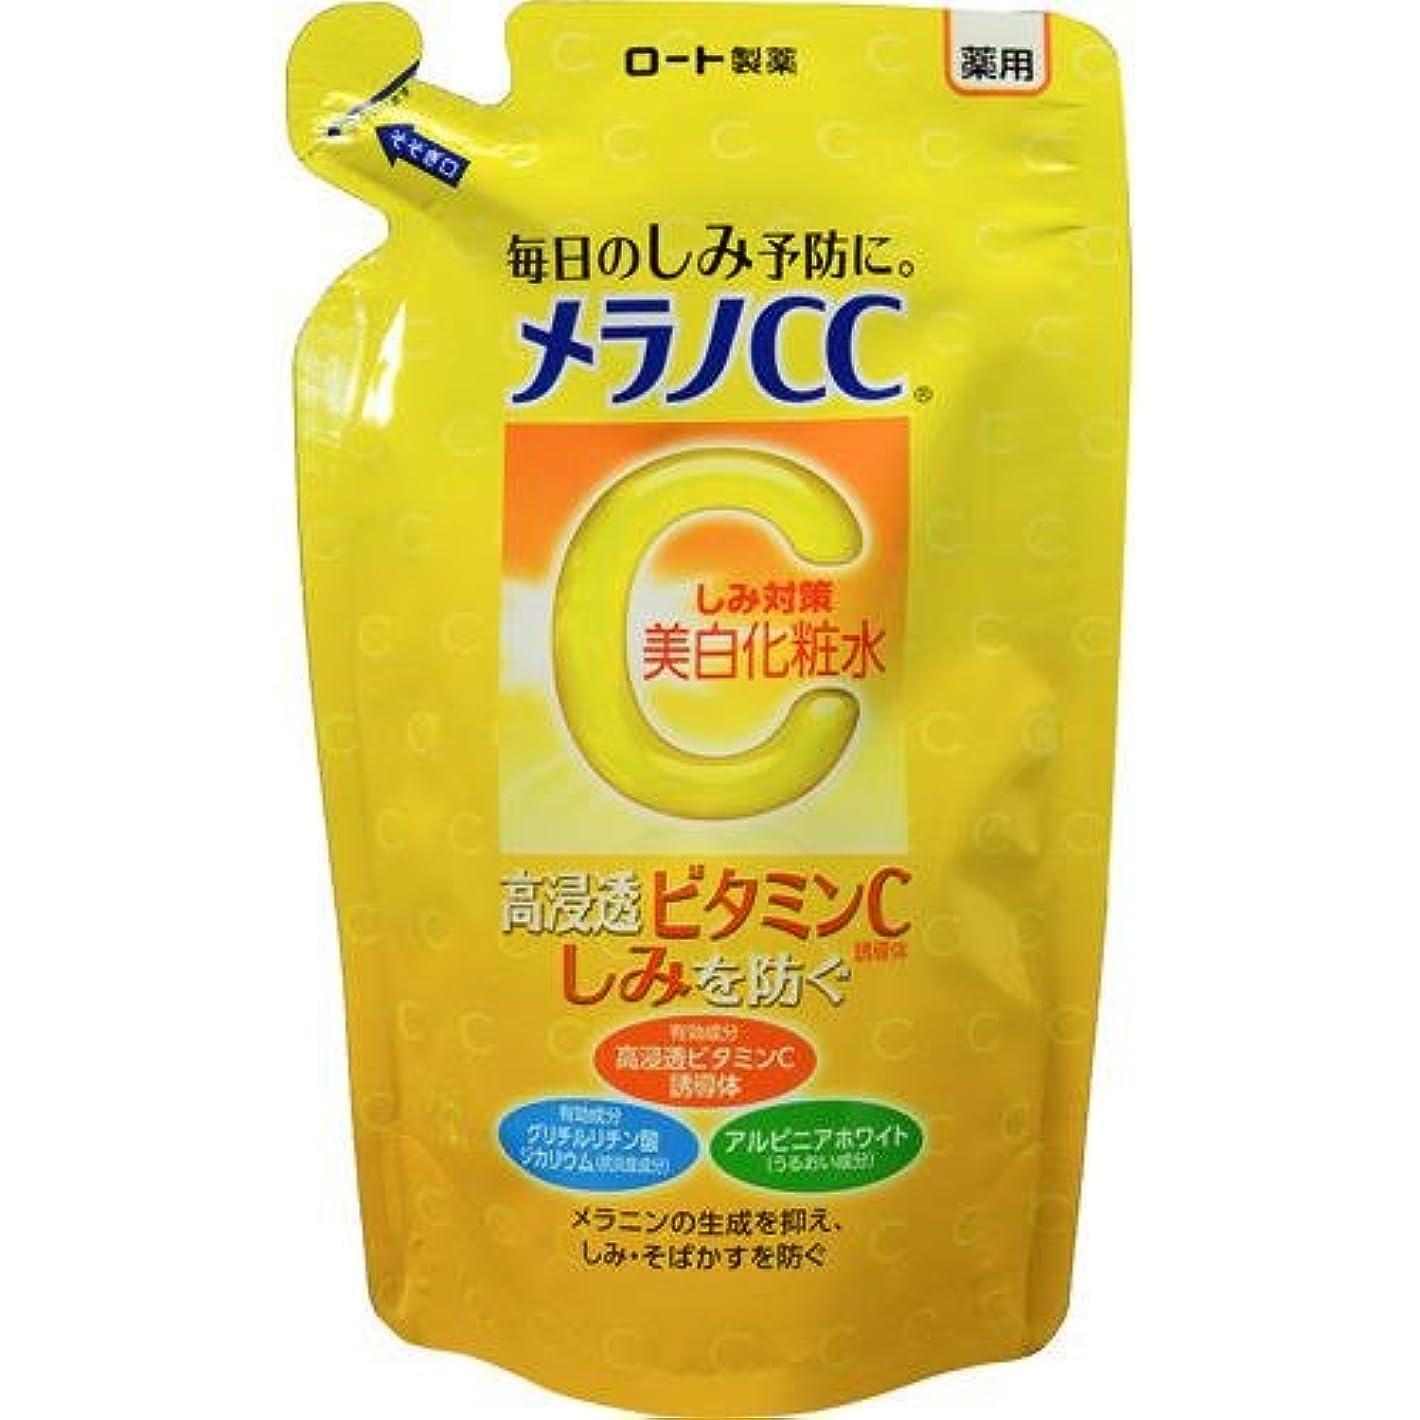 平方影響を受けやすいです罰メラノCC 薬用しみ対策美白化粧水 つめかえ用 × 3個セット